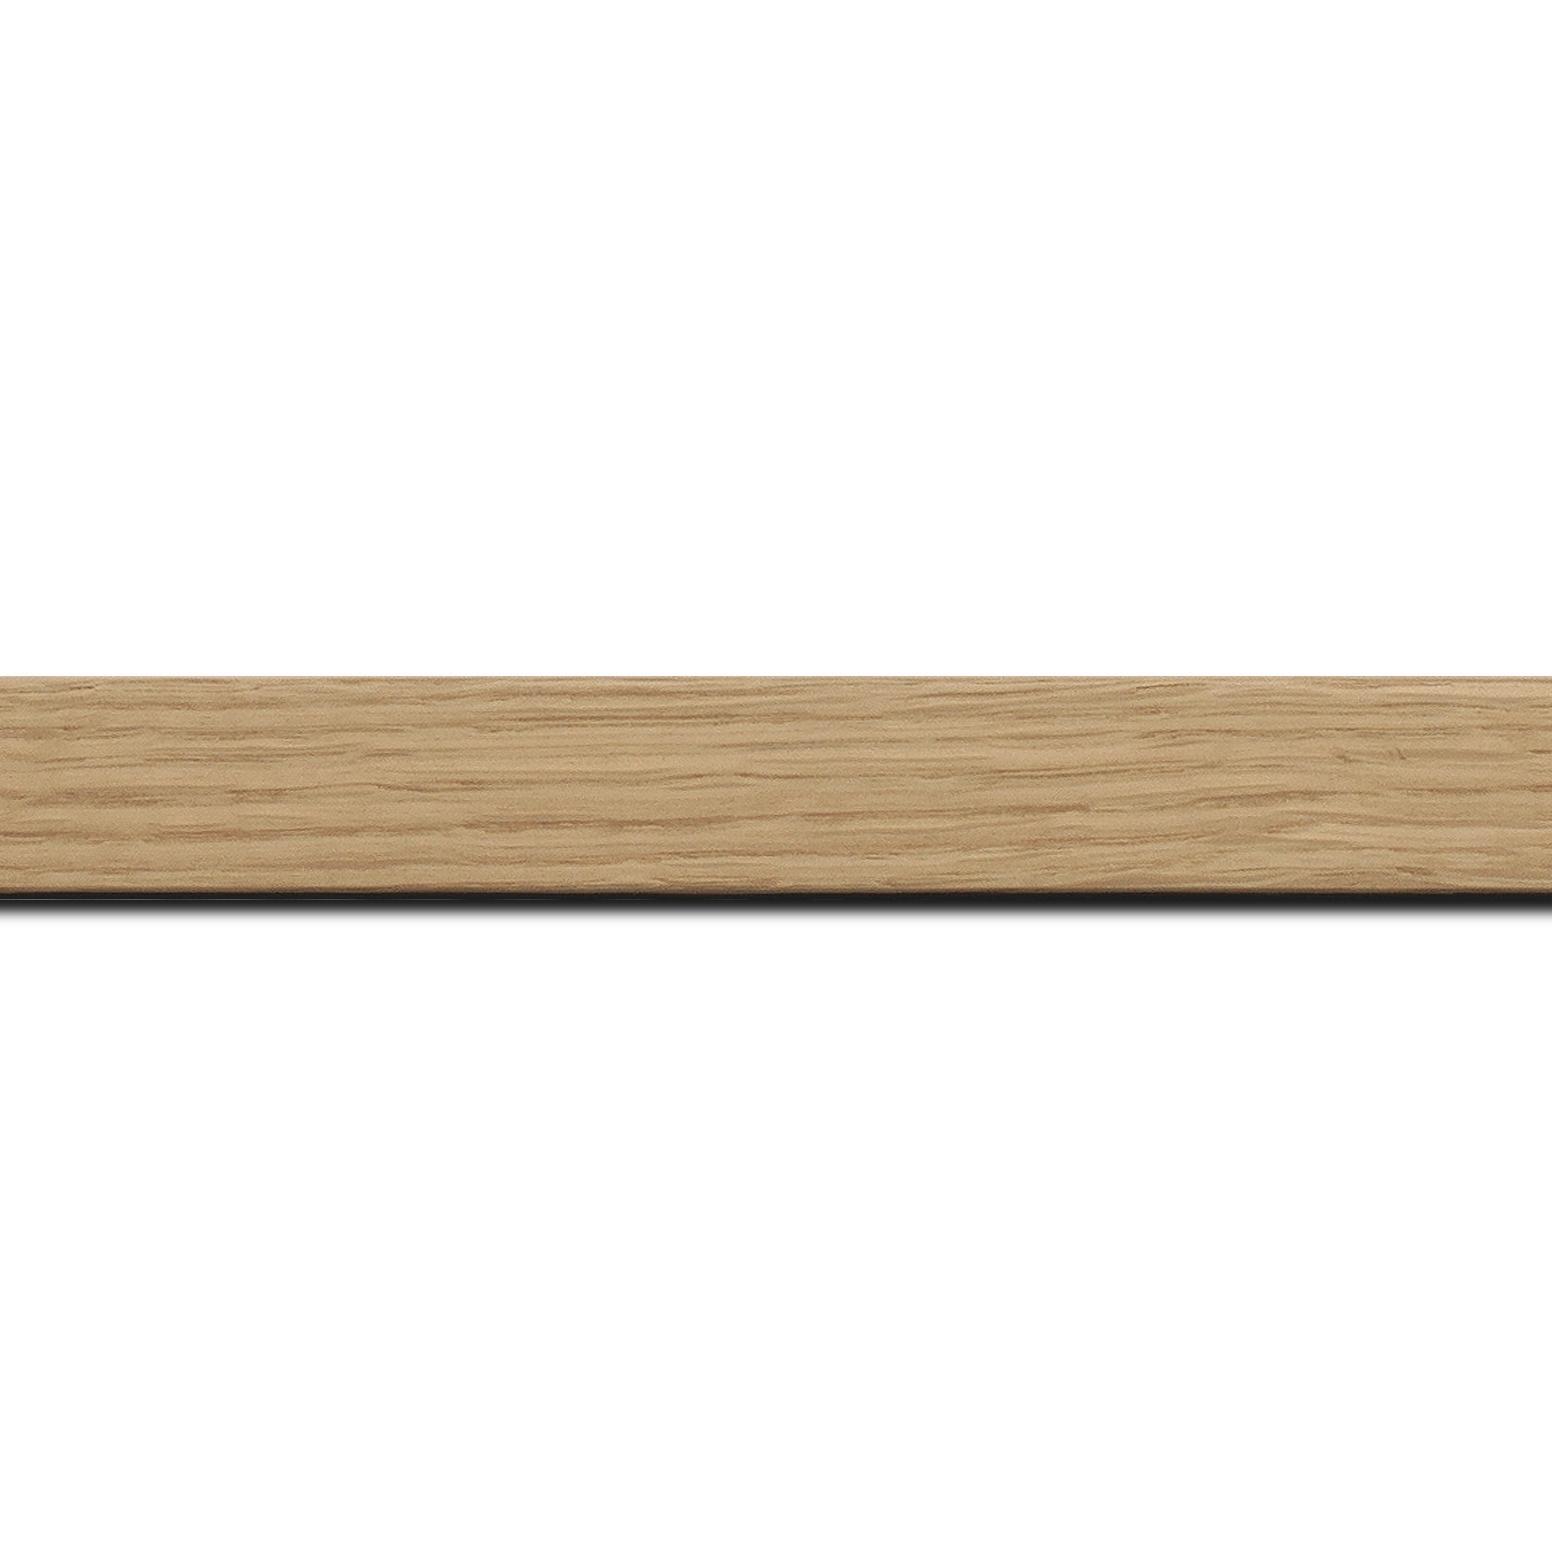 Pack par 12m, bois profil plat largeur 2.1cm hauteur 3.1cm plaquage haut de gamme chêne naturel(longueur baguette pouvant varier entre 2.40m et 3m selon arrivage des bois)